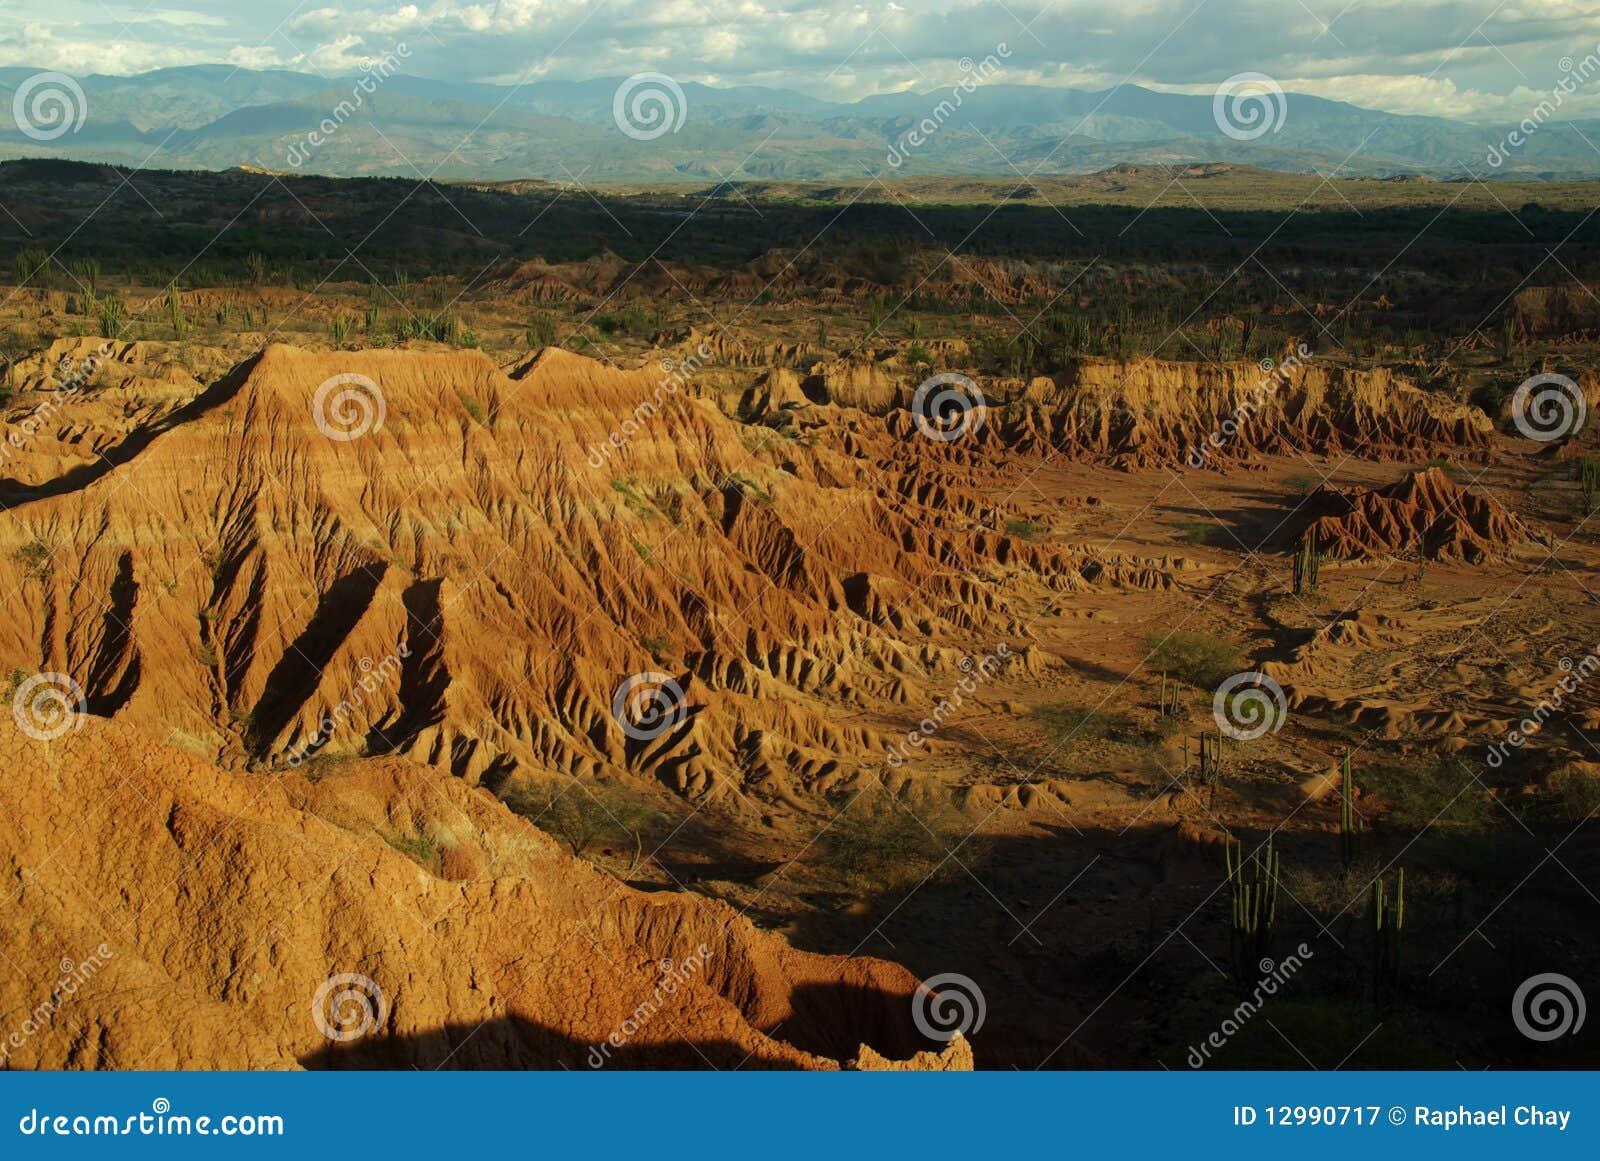 Desierto de Tatacoa cerca de Neiva en Colombia